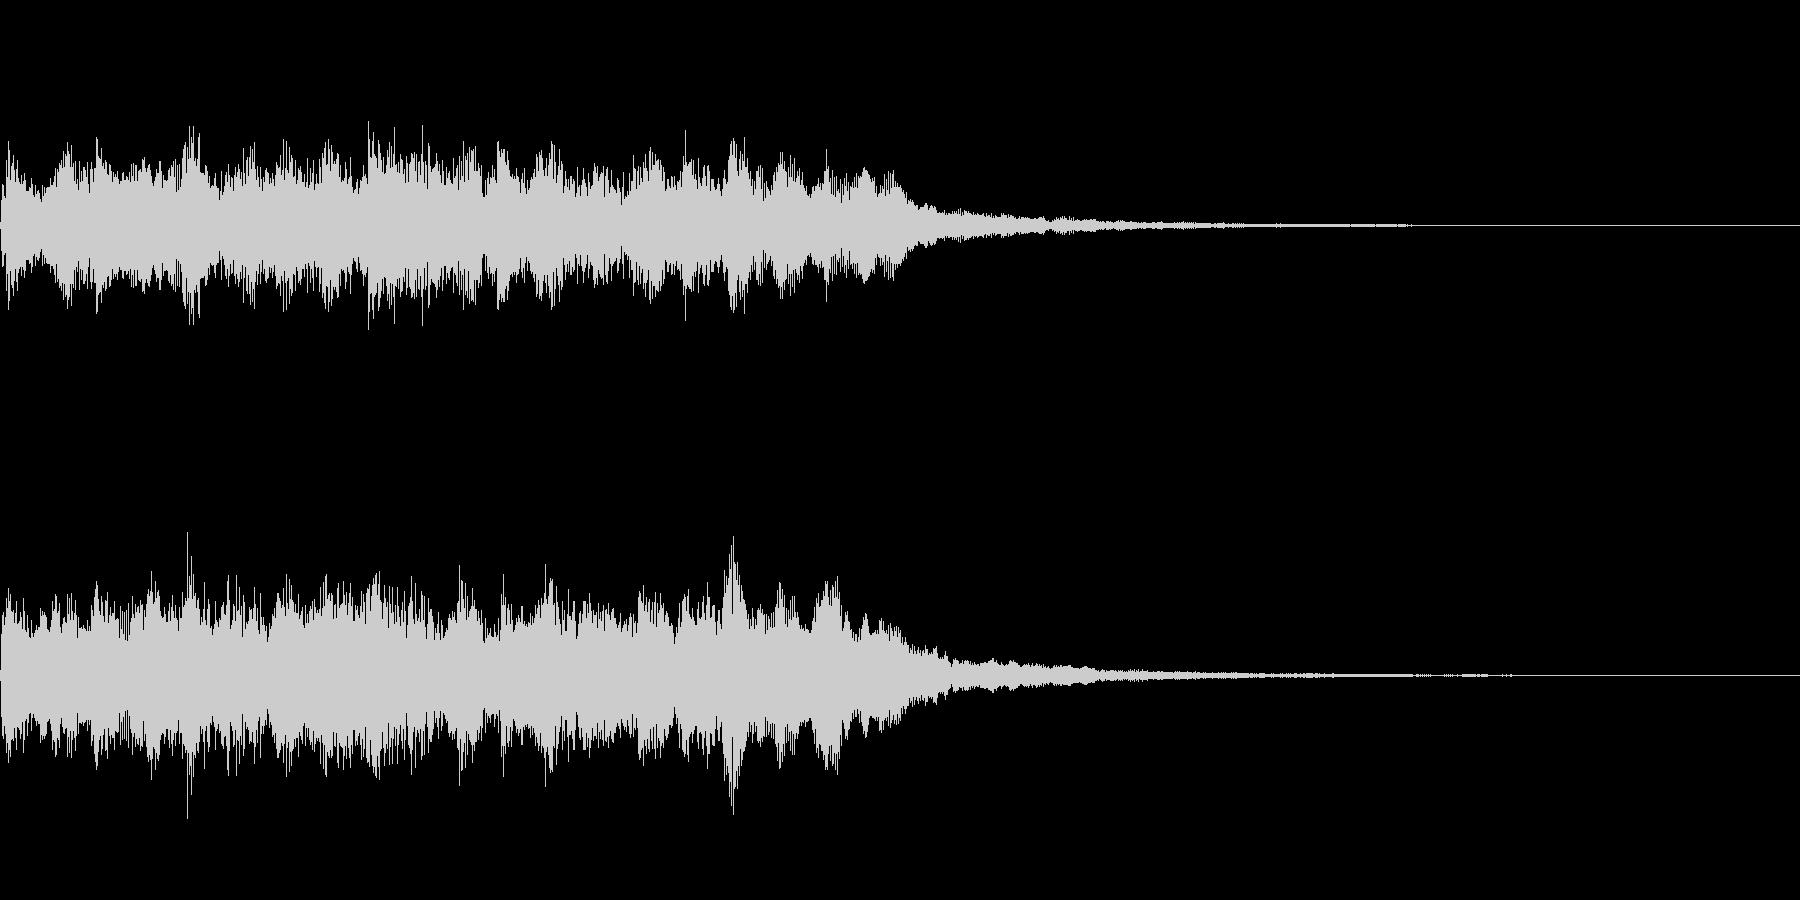 煌びやかなサウンドロゴの未再生の波形